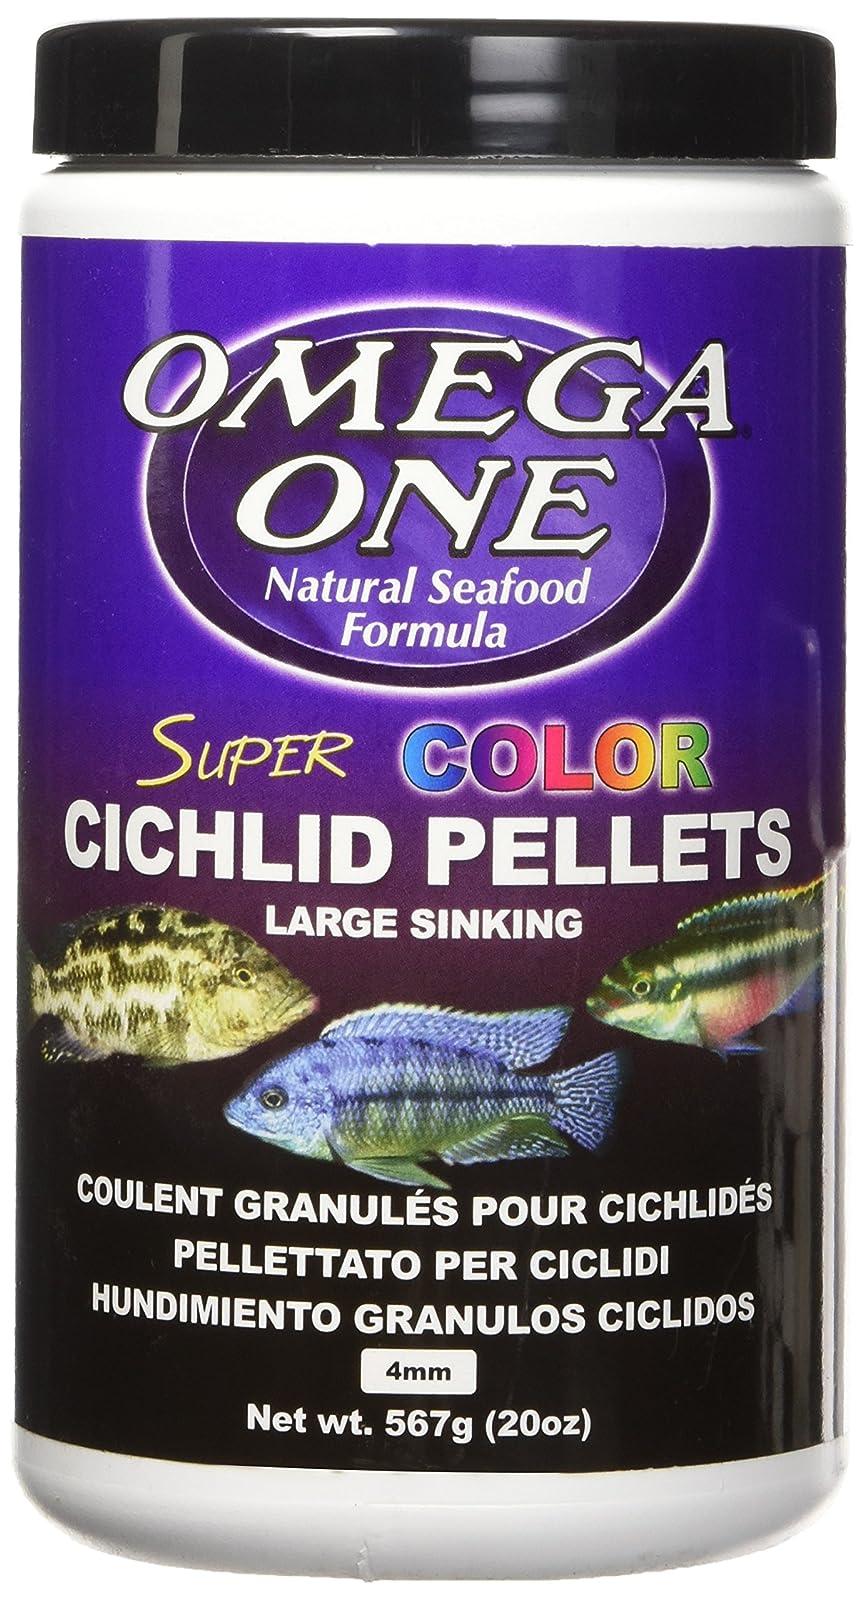 Omega One Super Color Cichlid Pellet - Large 52332 - 1